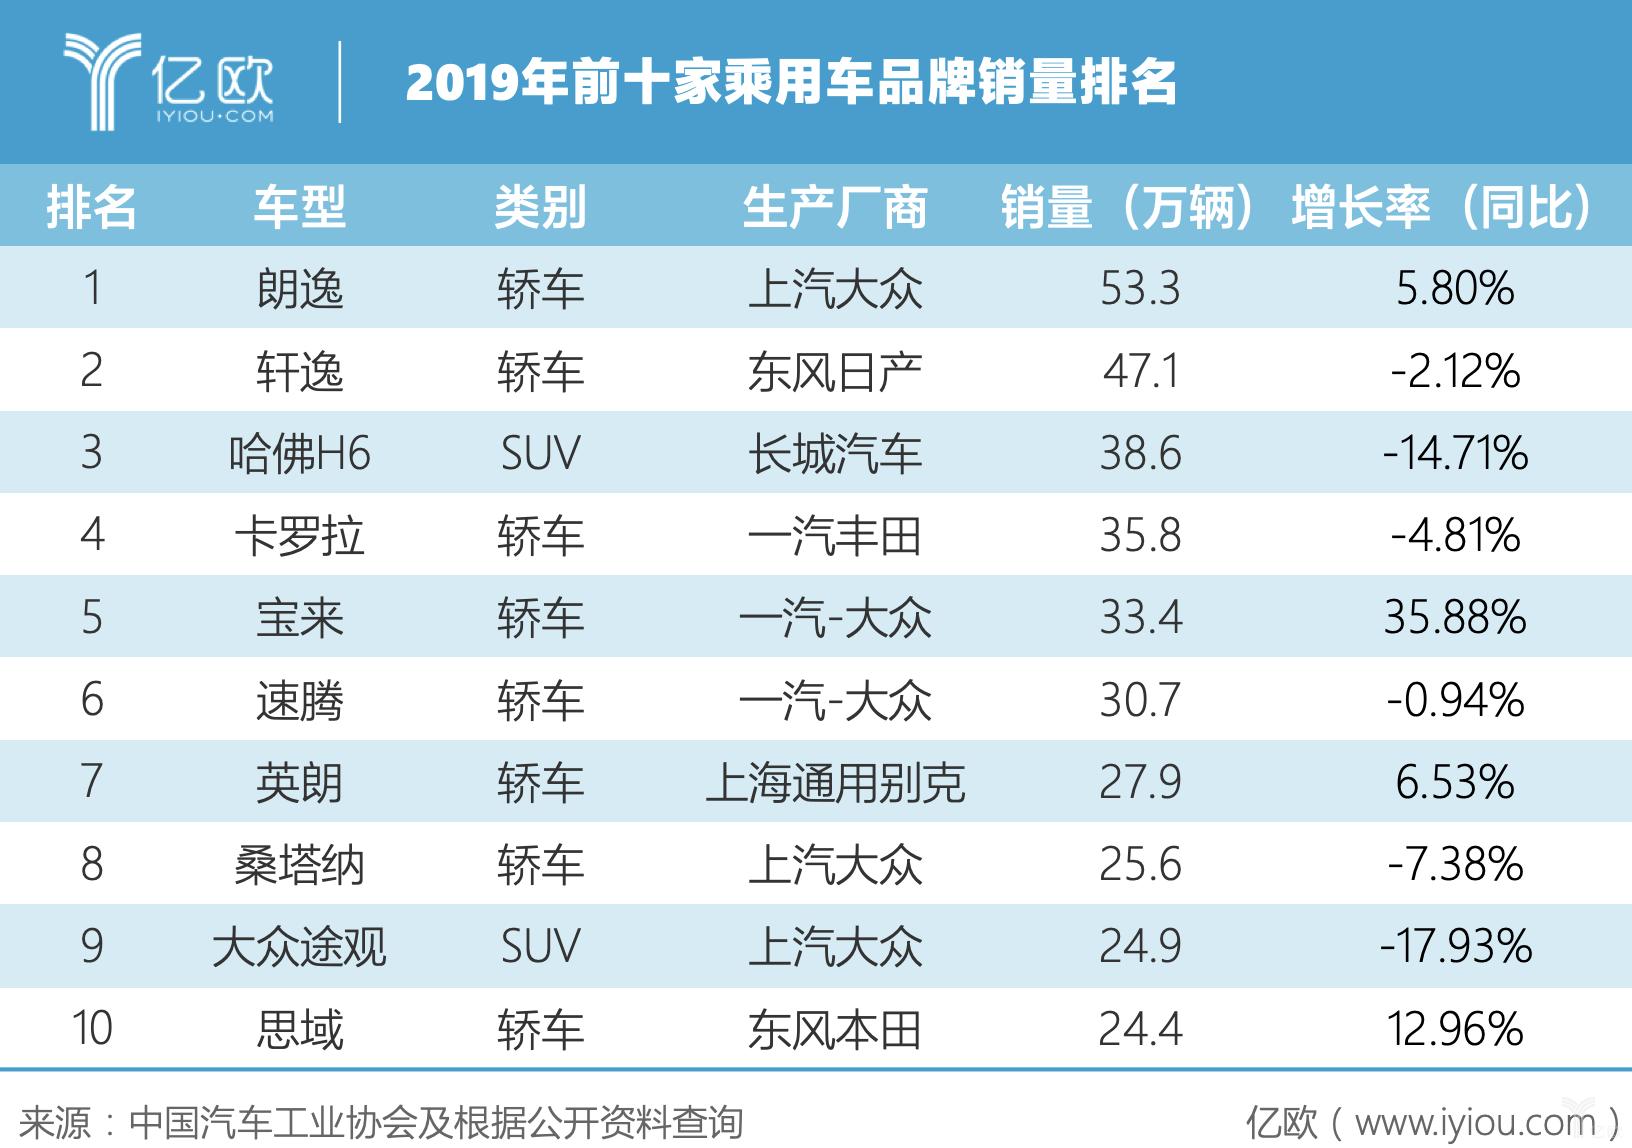 2019年前十乘用车品牌销量排名